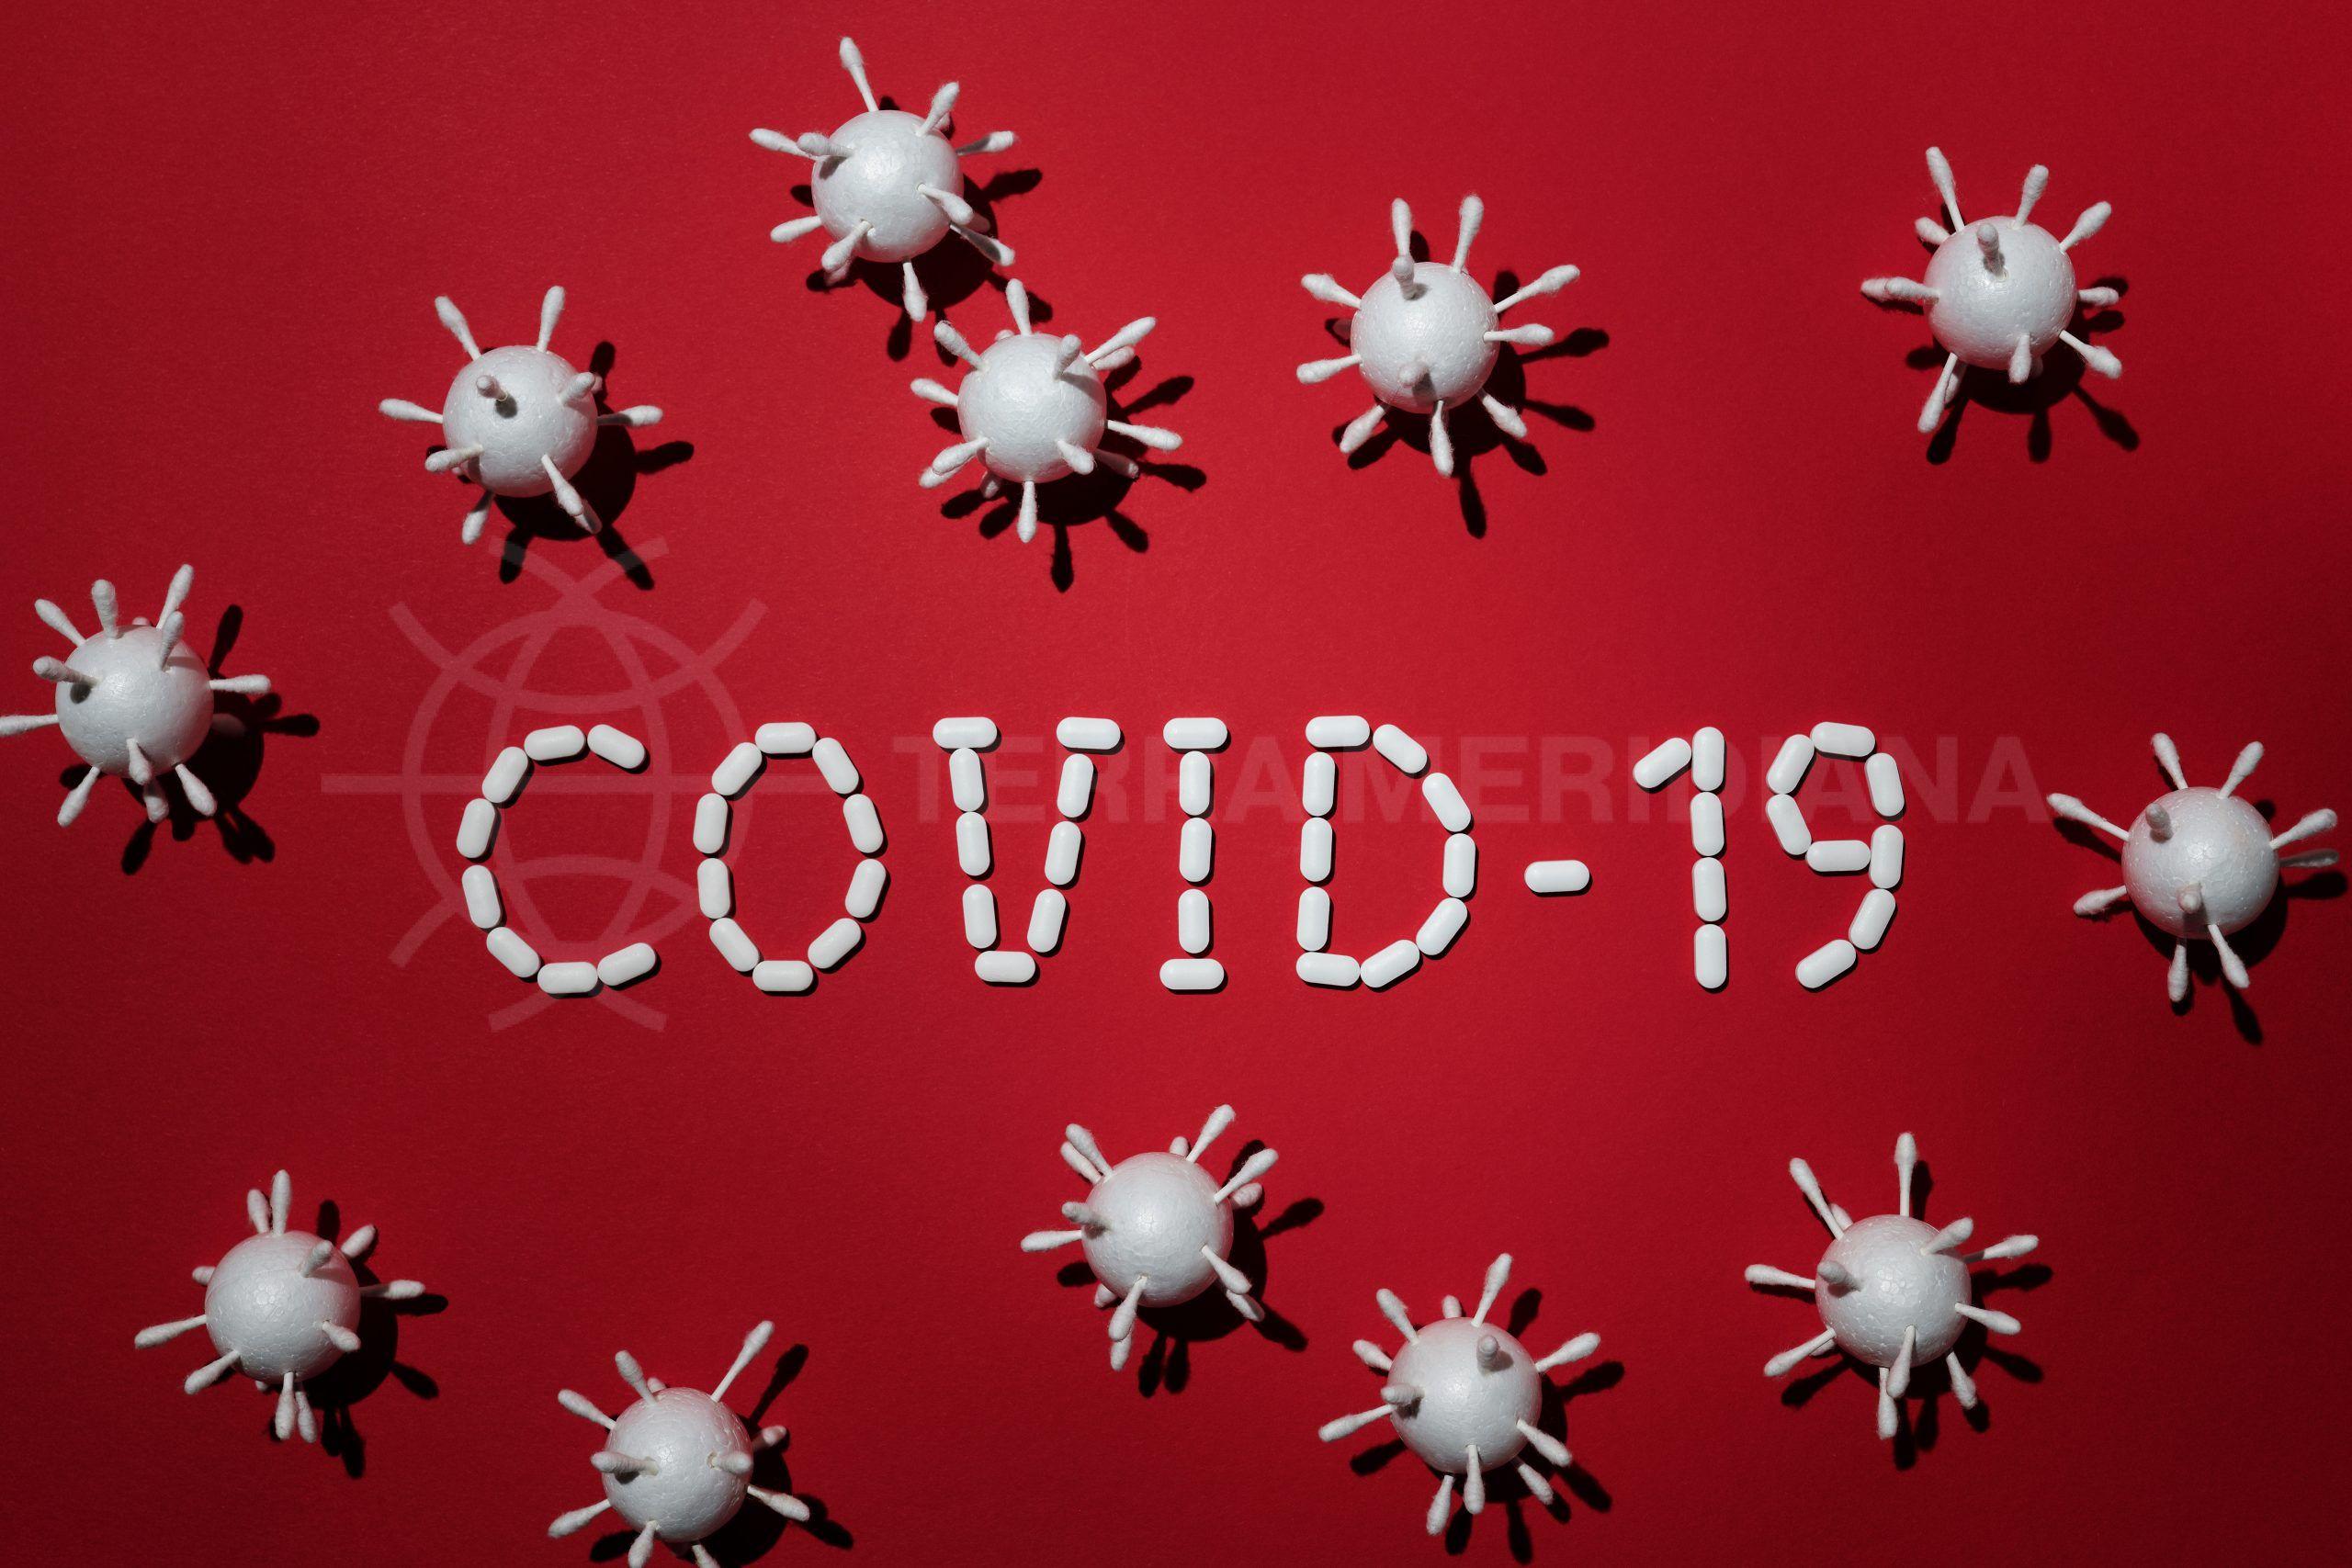 ¡Instale la nueva aplicación y ayude a vencer el COVID!